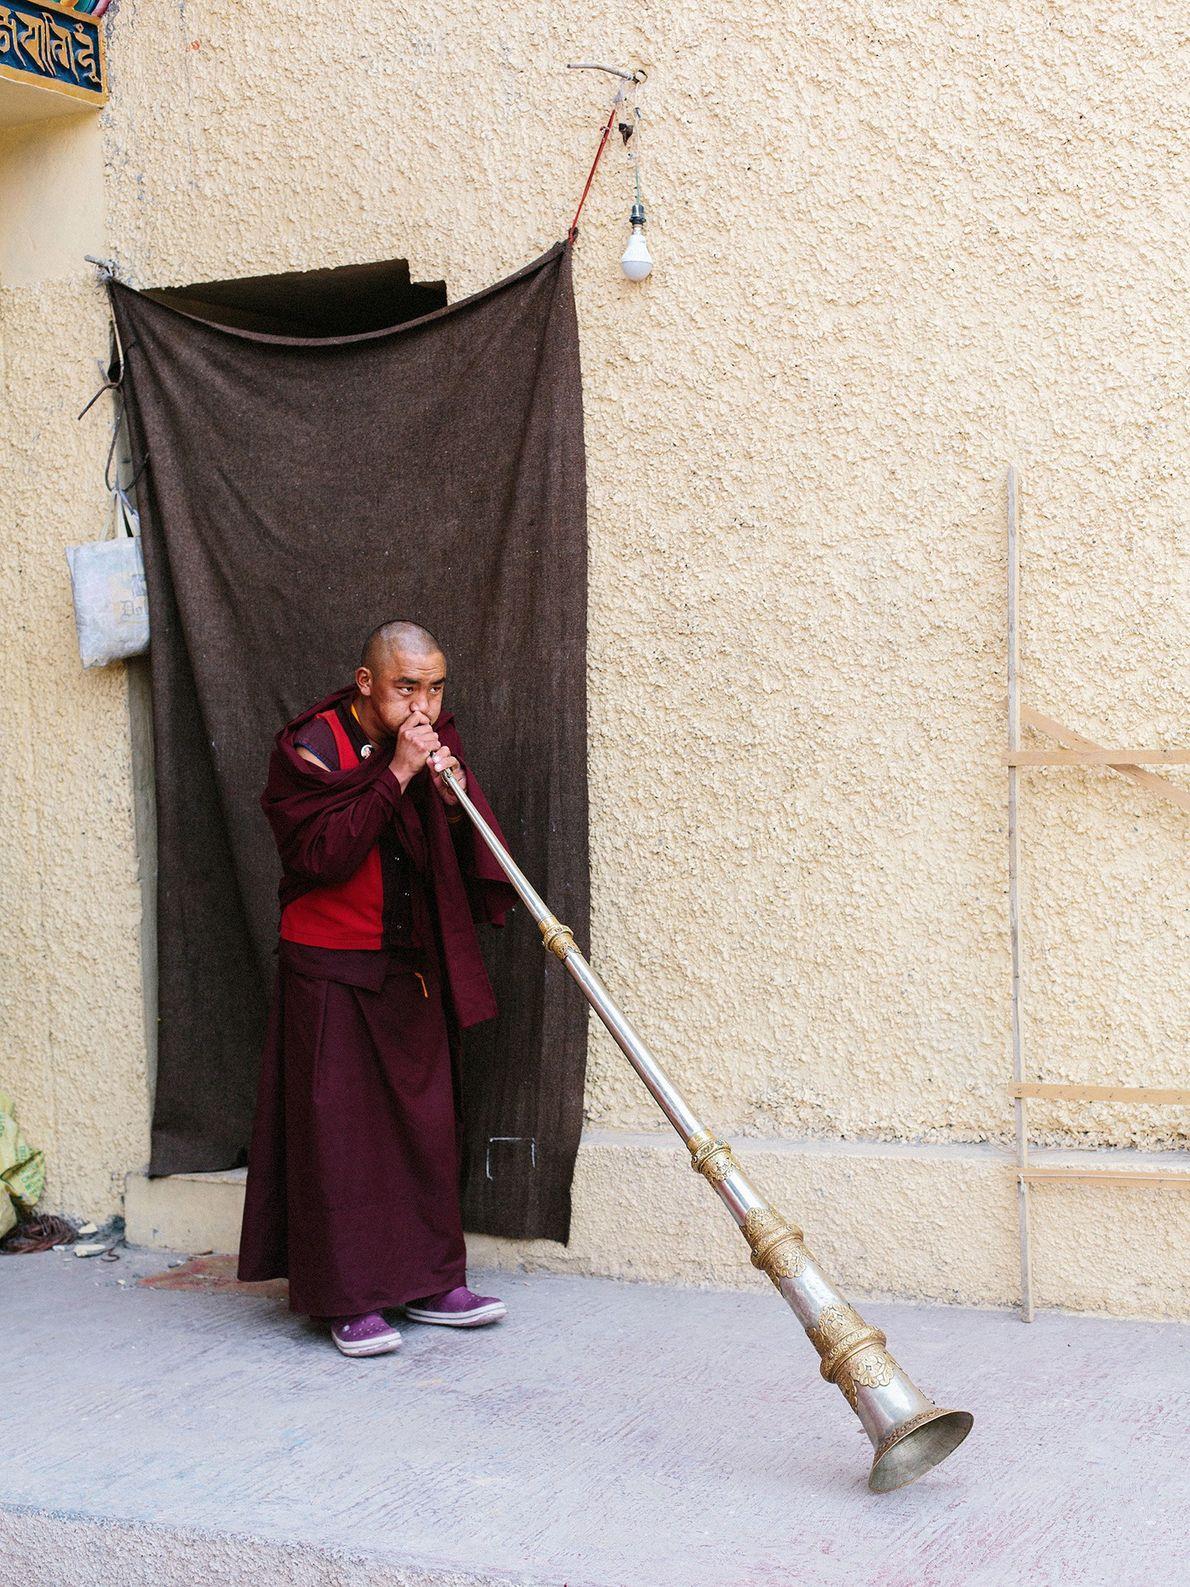 Ein junger Mönch des Klosters Karma Dupgyud Choeling bläst eine Dungchen, ein zeremonielles Blechblasinstrument.